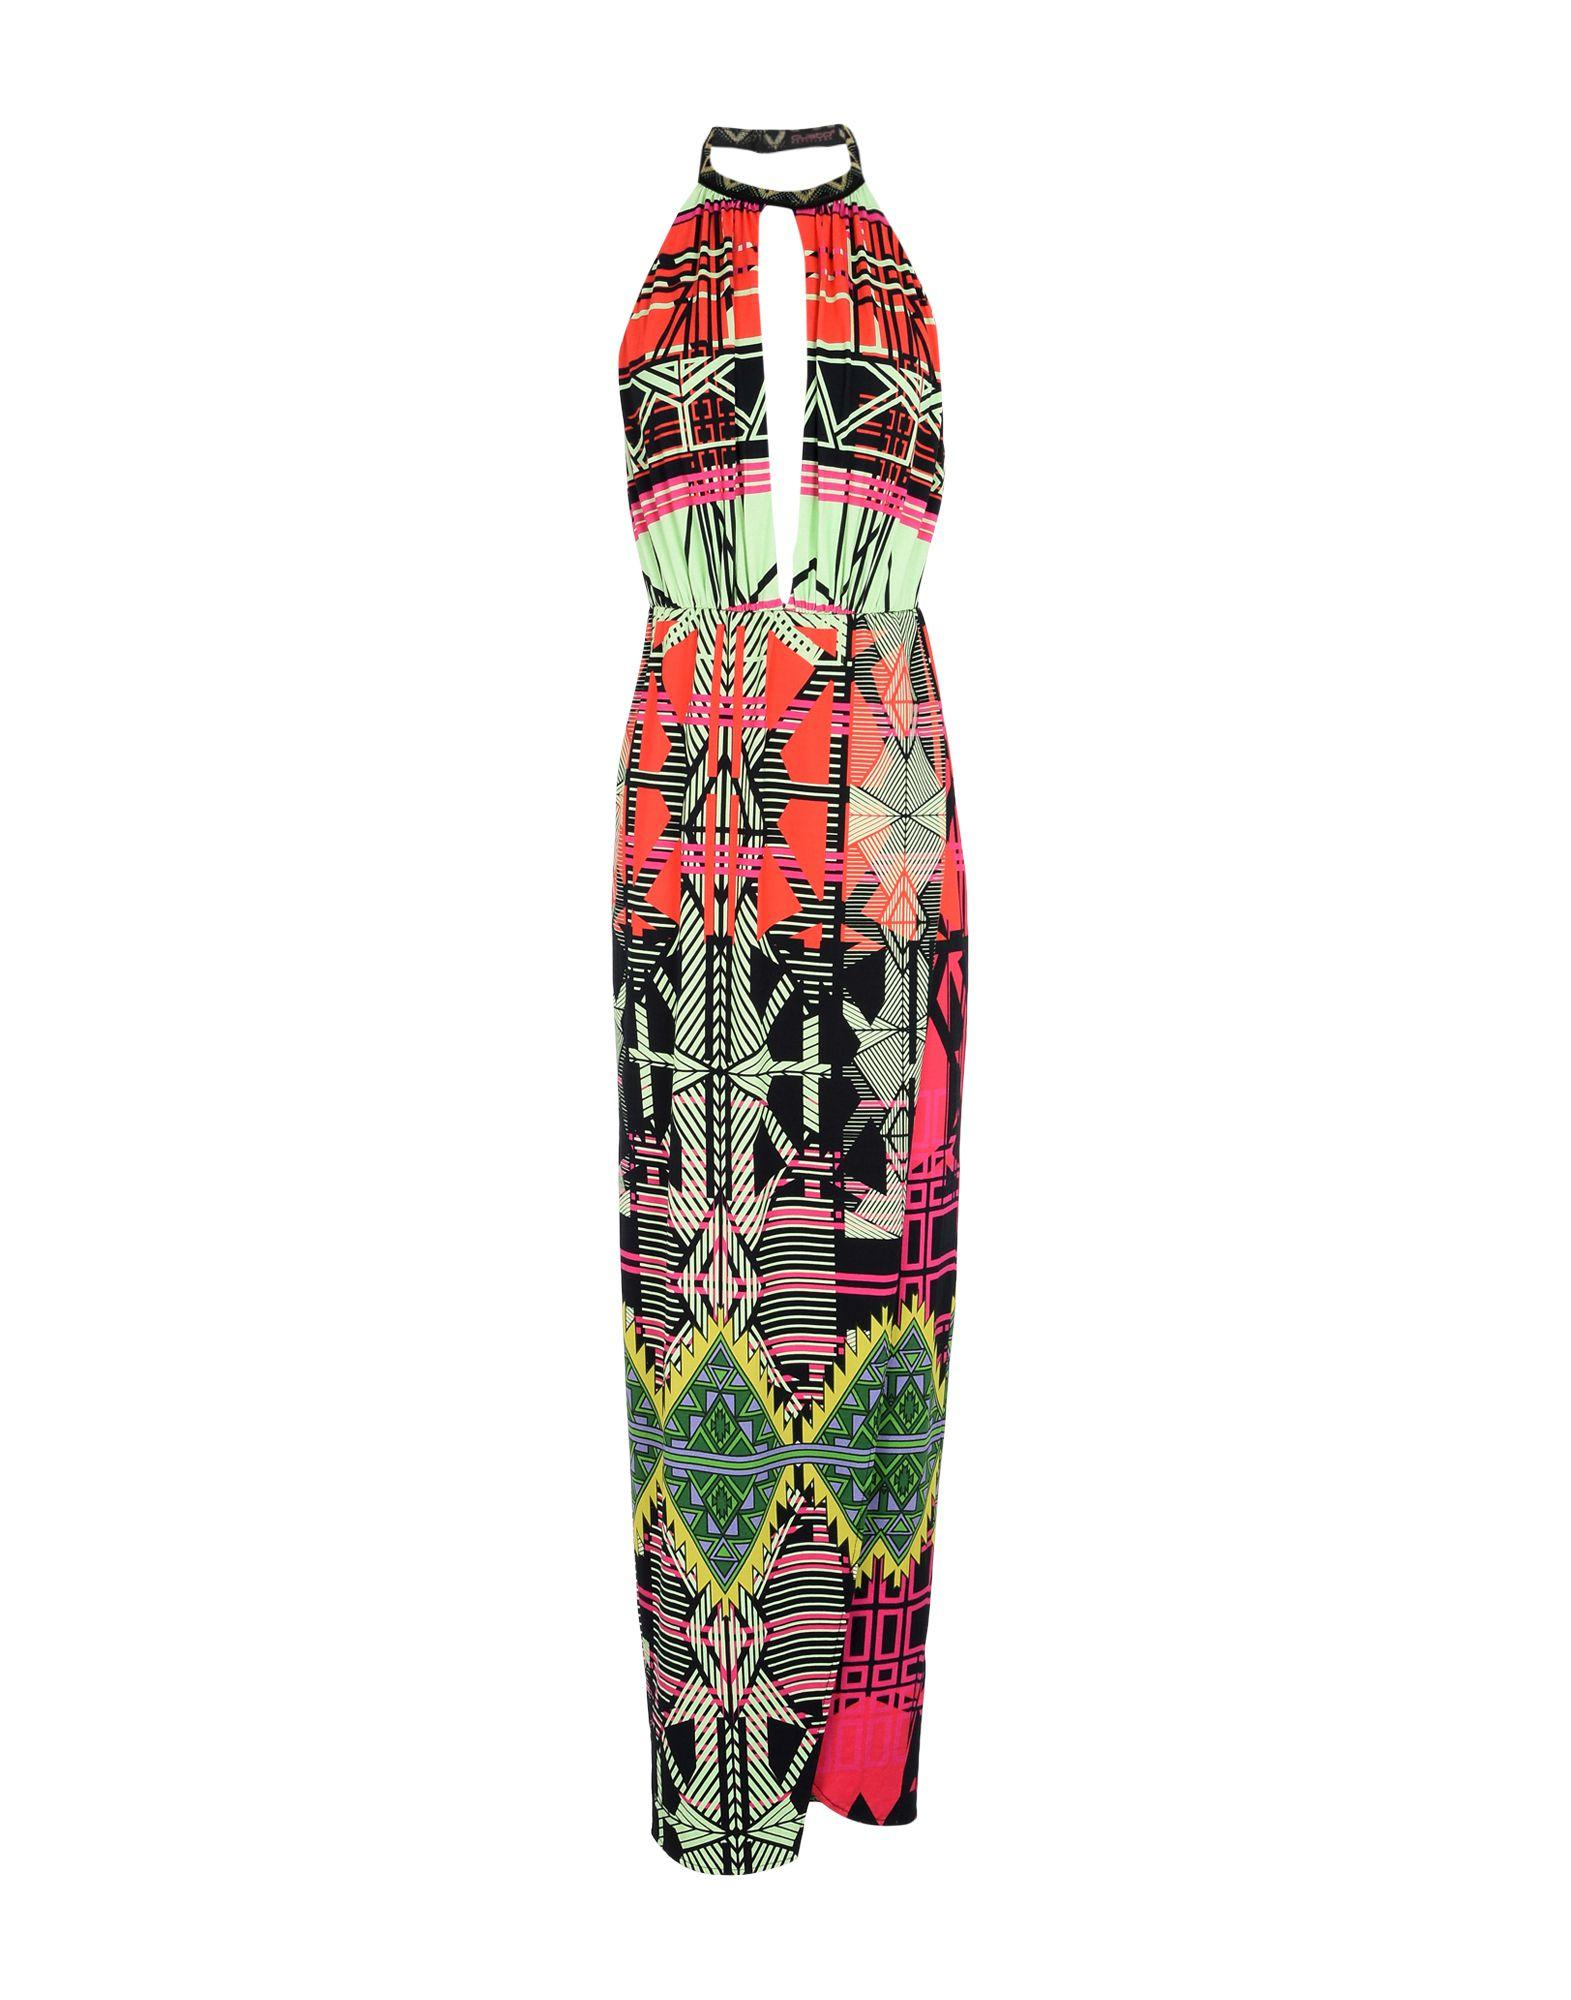 CUSTO BARCELONA Длинное платье платье короткое спереди длинное сзади летнее